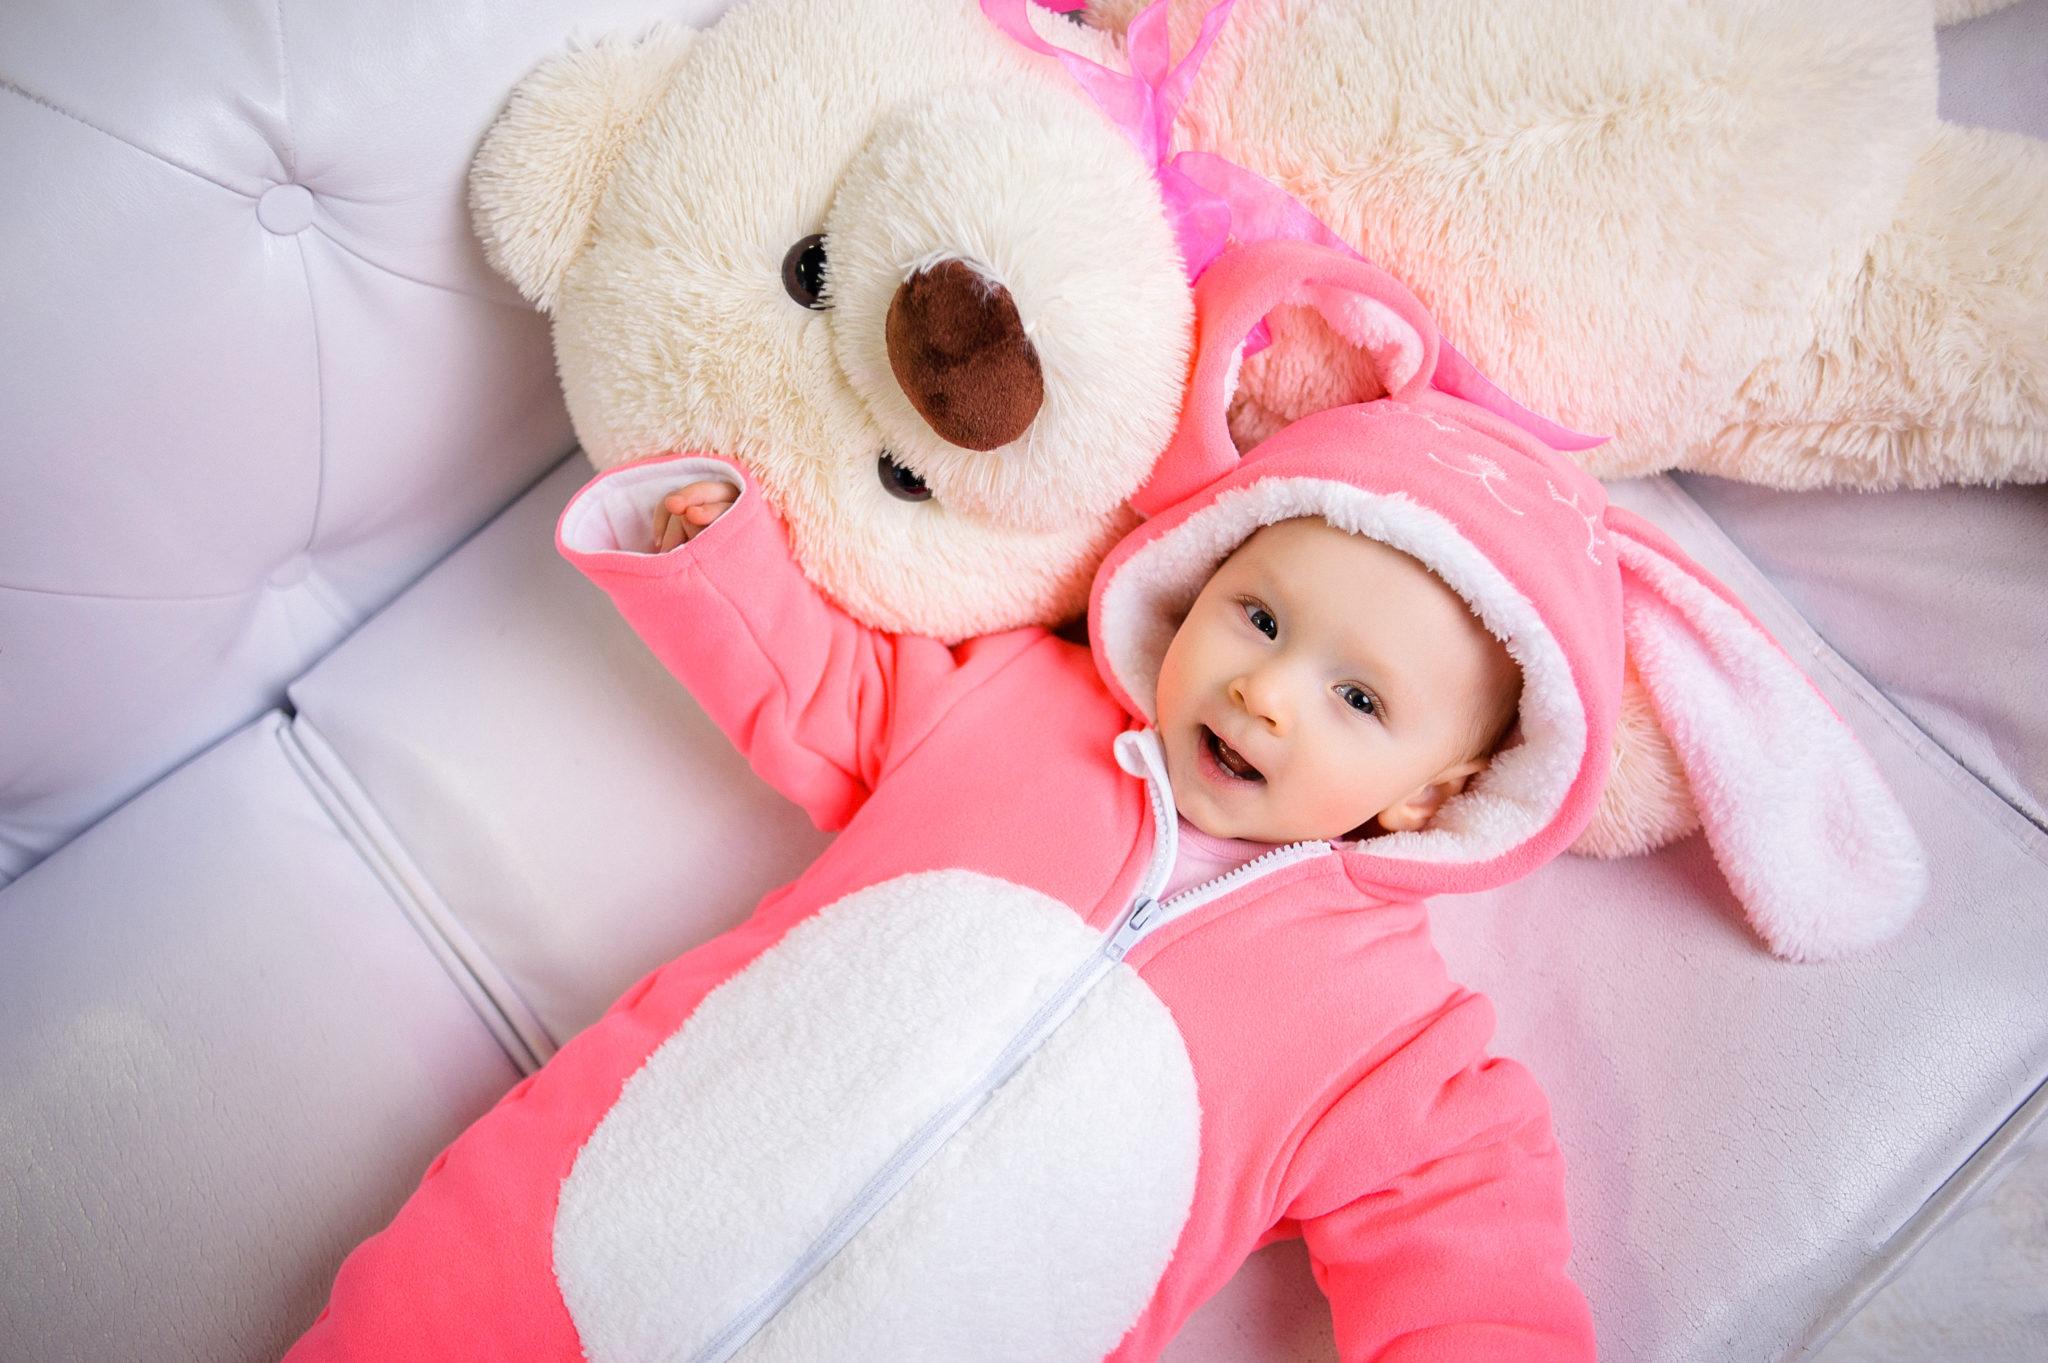 Детская фотосессия, ребенок лежит на белом диване с белым медведем